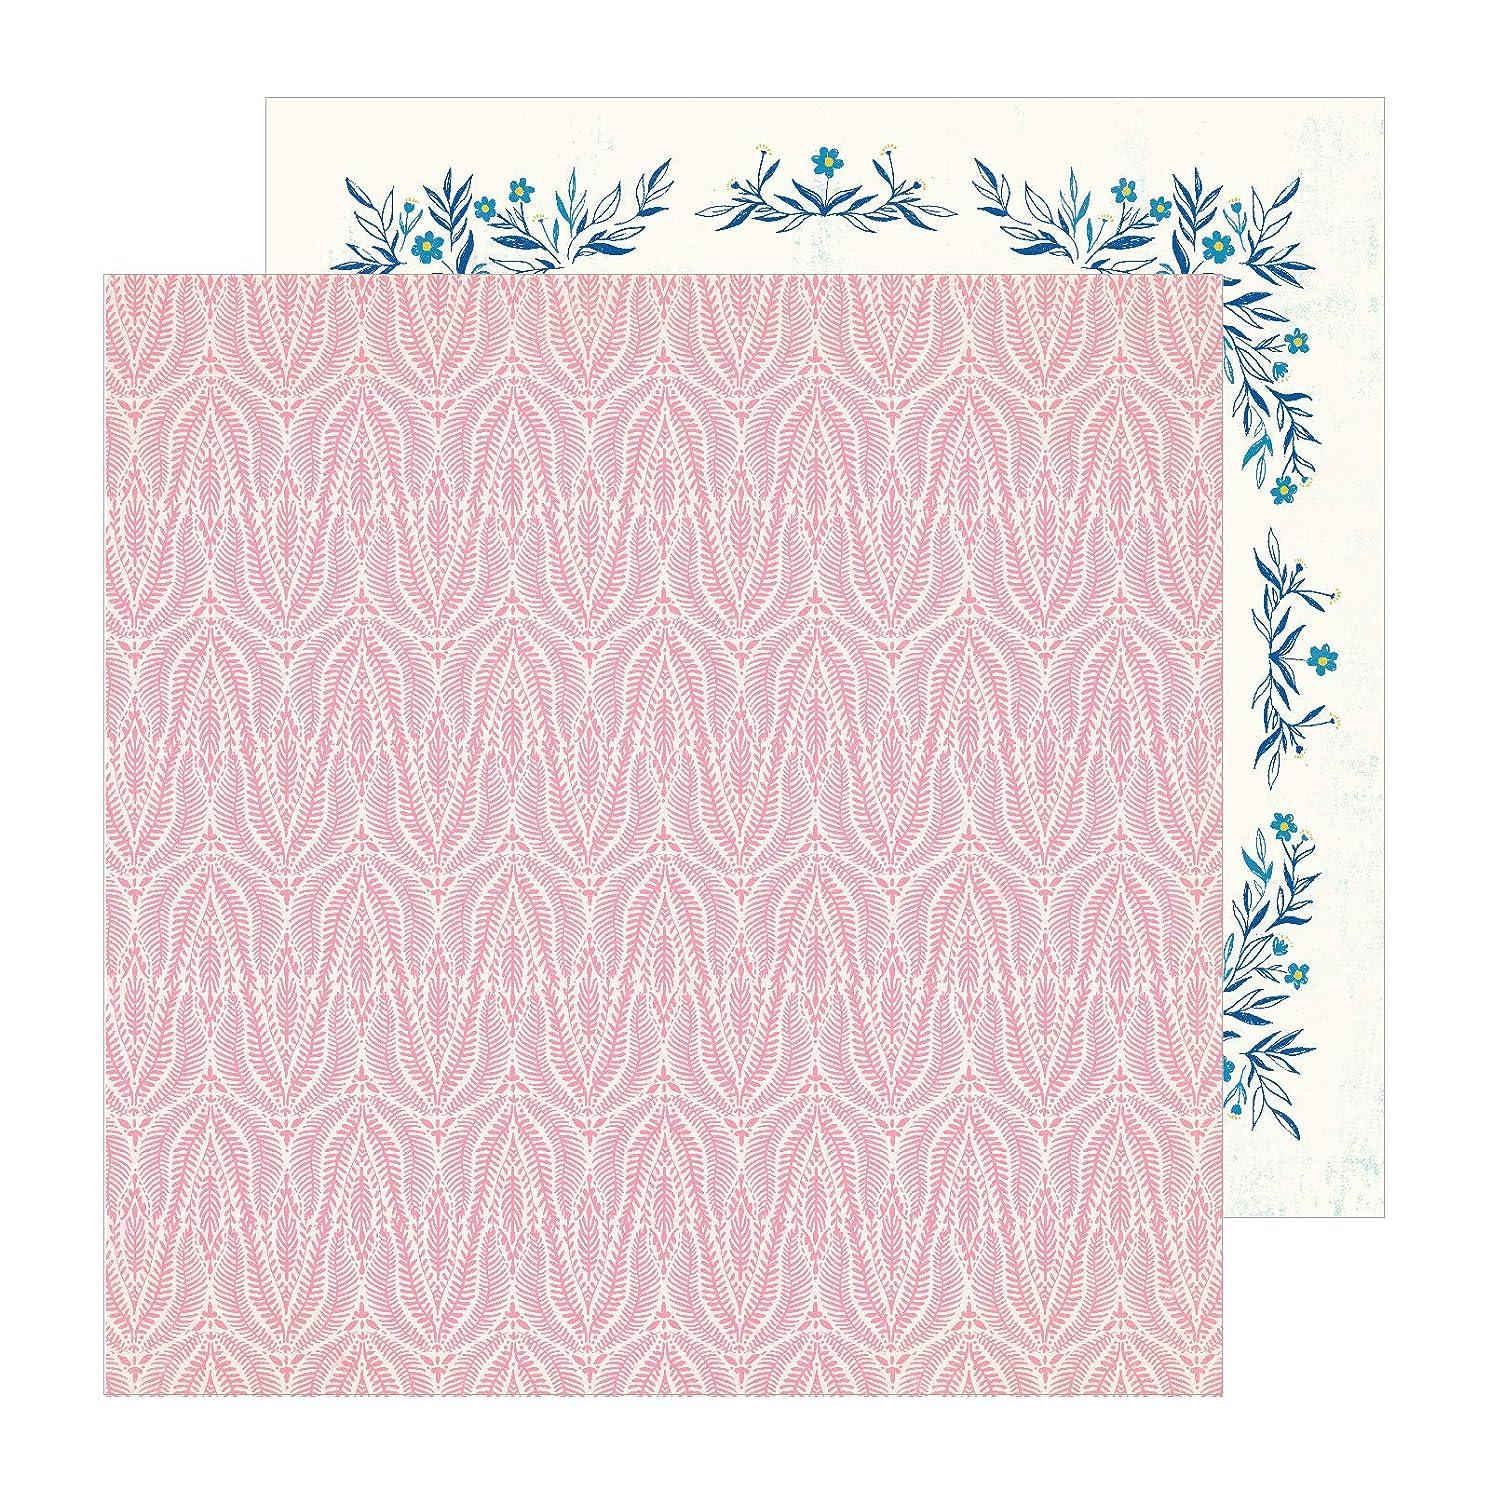 アノイ受益者感性Crate Paper (クレートペーパー) パターンペーパー サニーデイ - 12 x 12 - Coral 350777